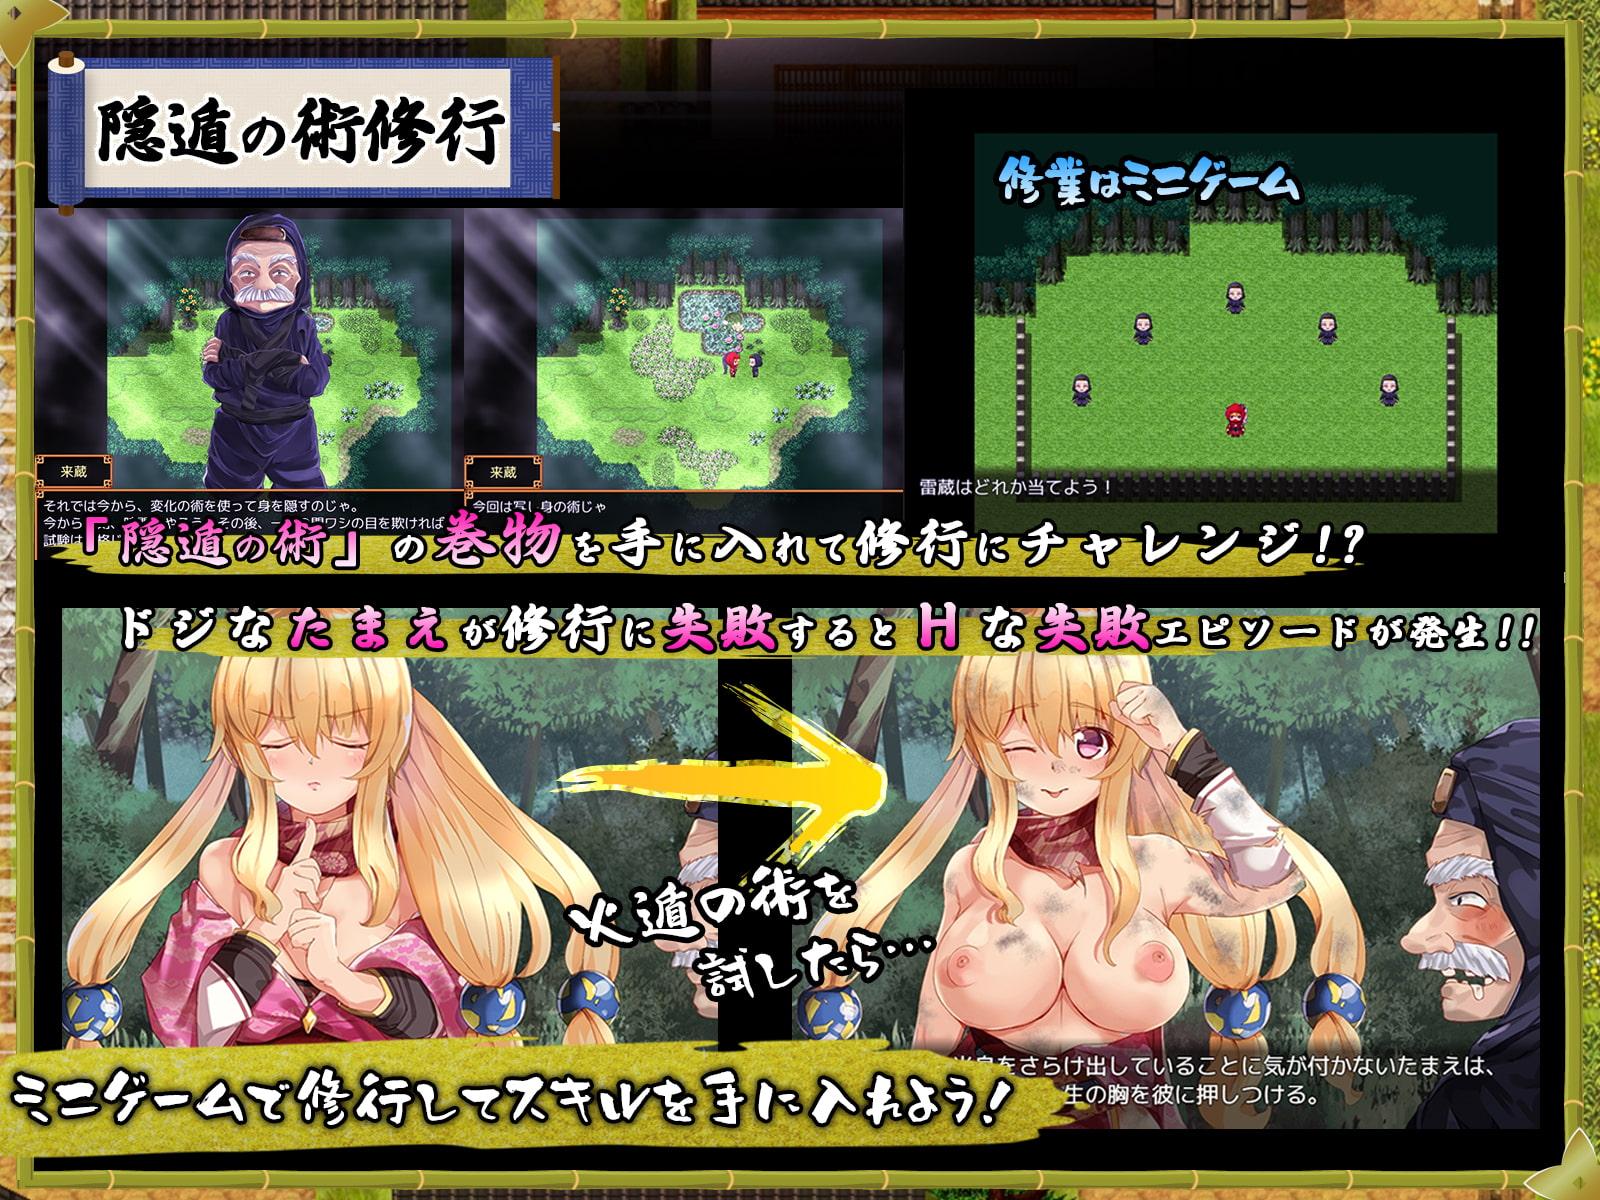 妖怪隠遁伝!くノ一たまえ (スライム定食) DLsite提供:同人ゲーム – ロールプレイング